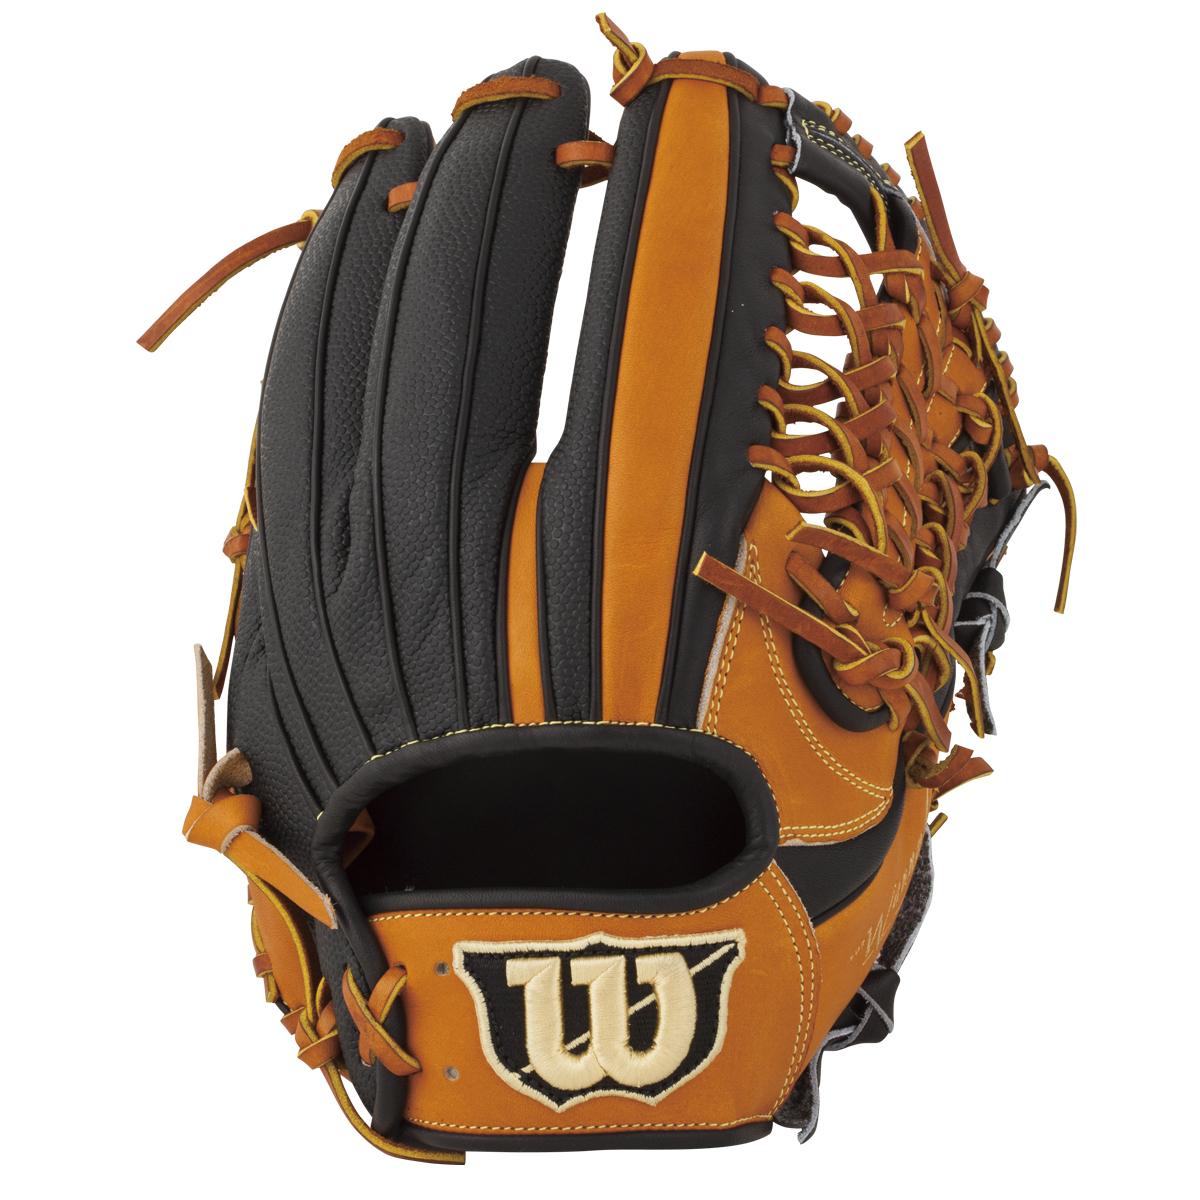 ウイルソン(wilson)Wannabe HERO/DUAL(ワナビーヒーローデュアル)軟式野球用 オールラウンド用グラブ(右投げ)(18ss) オレンジ×ブラック WTARHRDUF-8390SS 野球用品